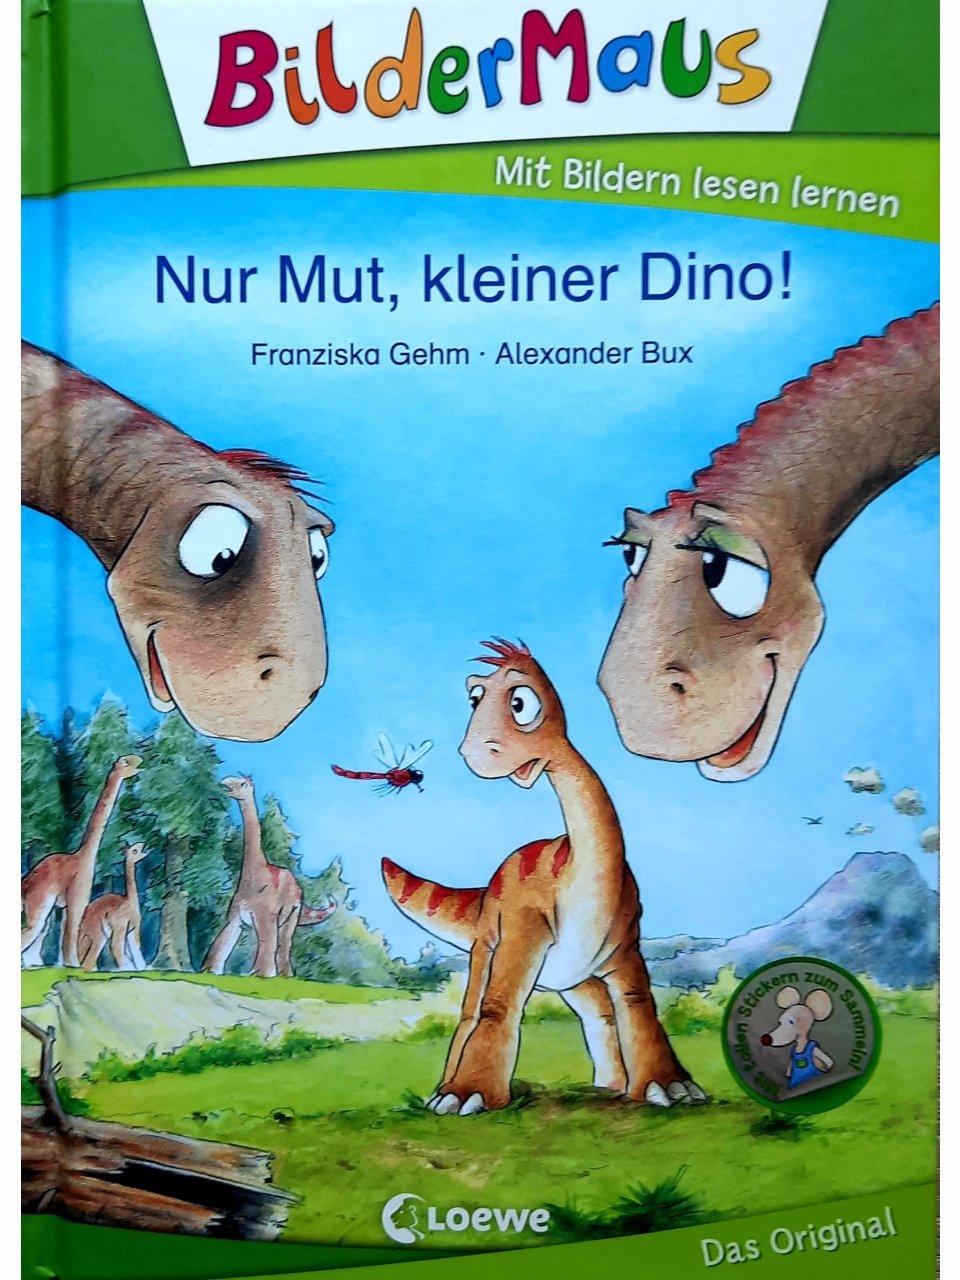 Bildermaus - Nur Mut, kleiner Dino!